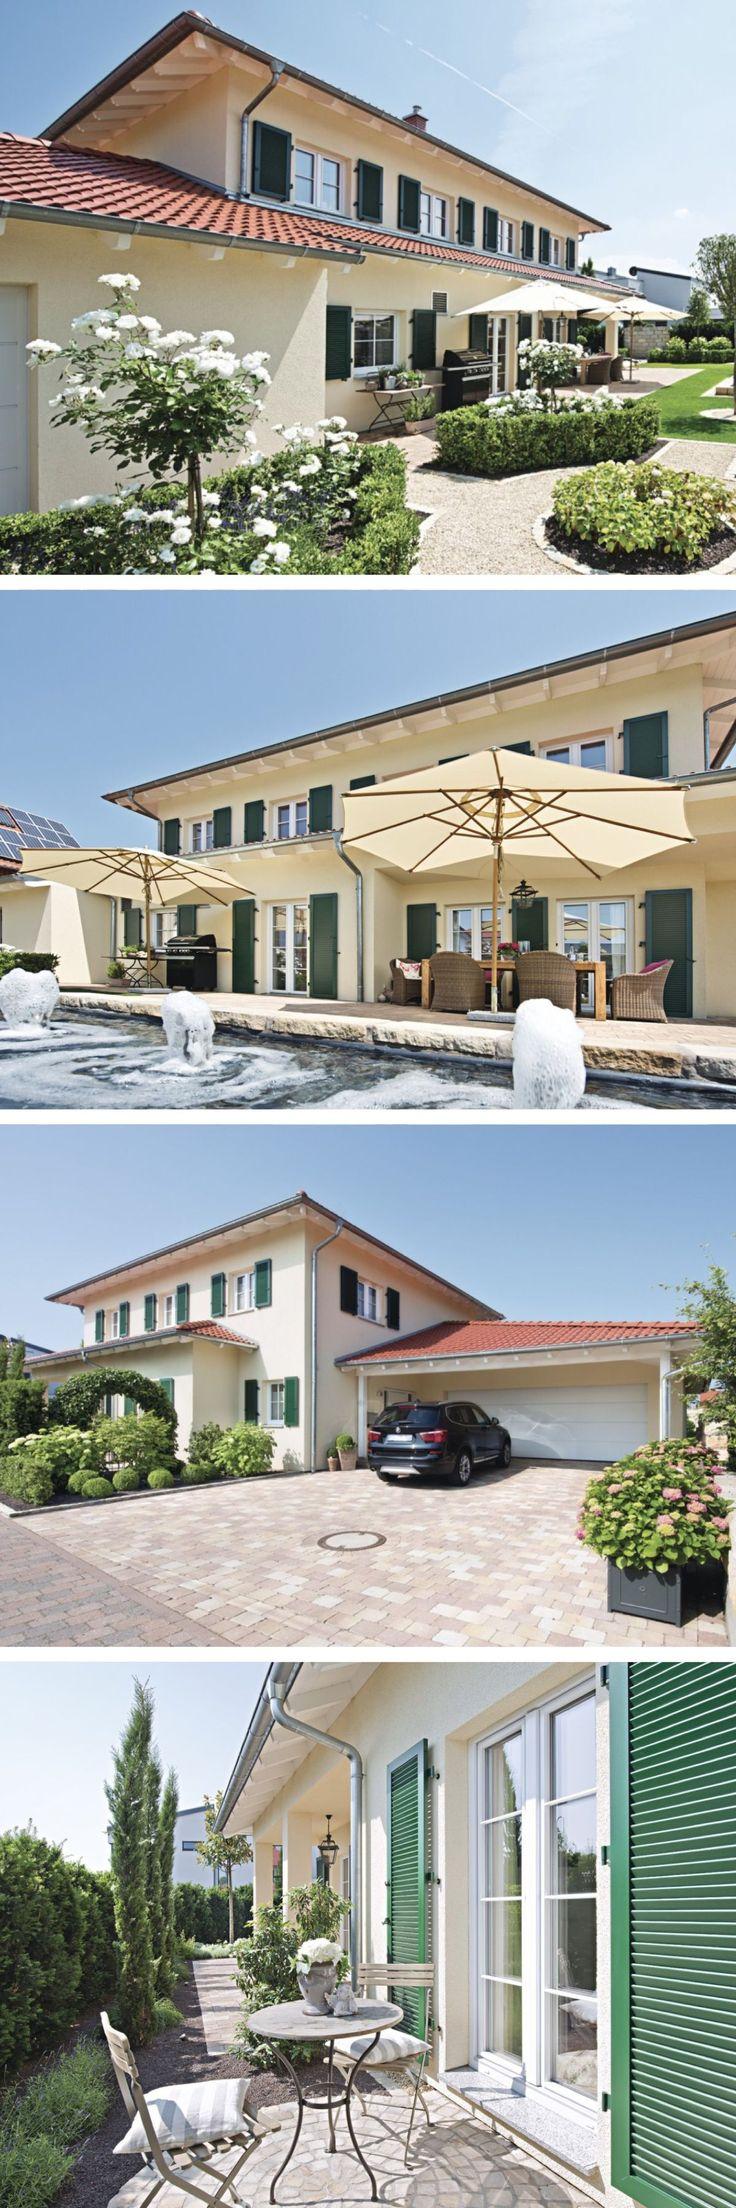 Einfamilienhaus im Landhausstil mit Garage & Walmdach Architektur – Haus bauen F…